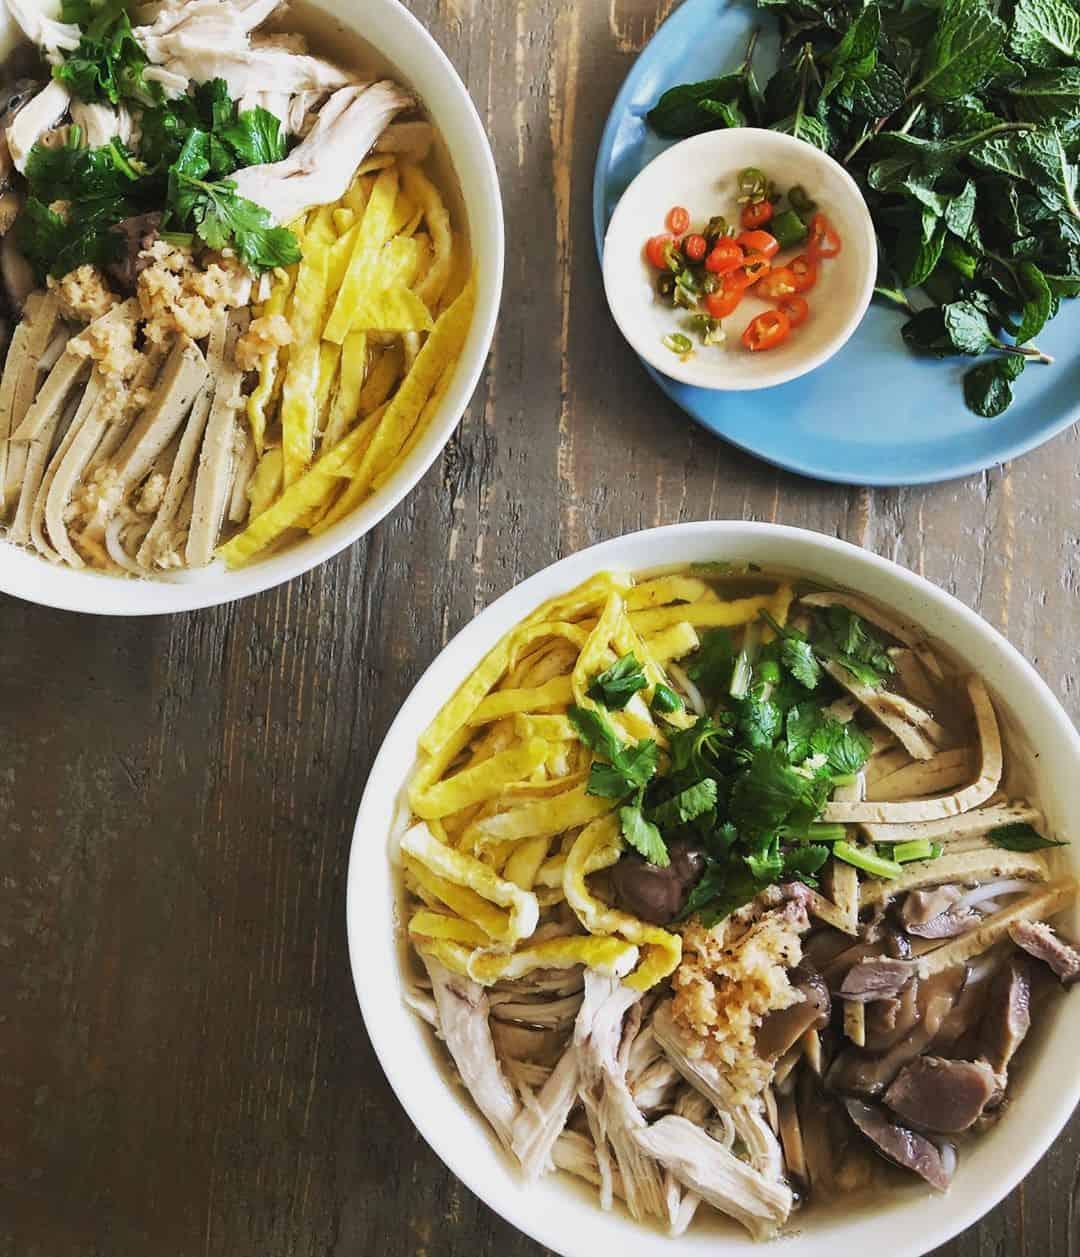 Bún Thang chỉ có thể tìm thấy ở Hà Nội. Ảnh: @andreannguyen88